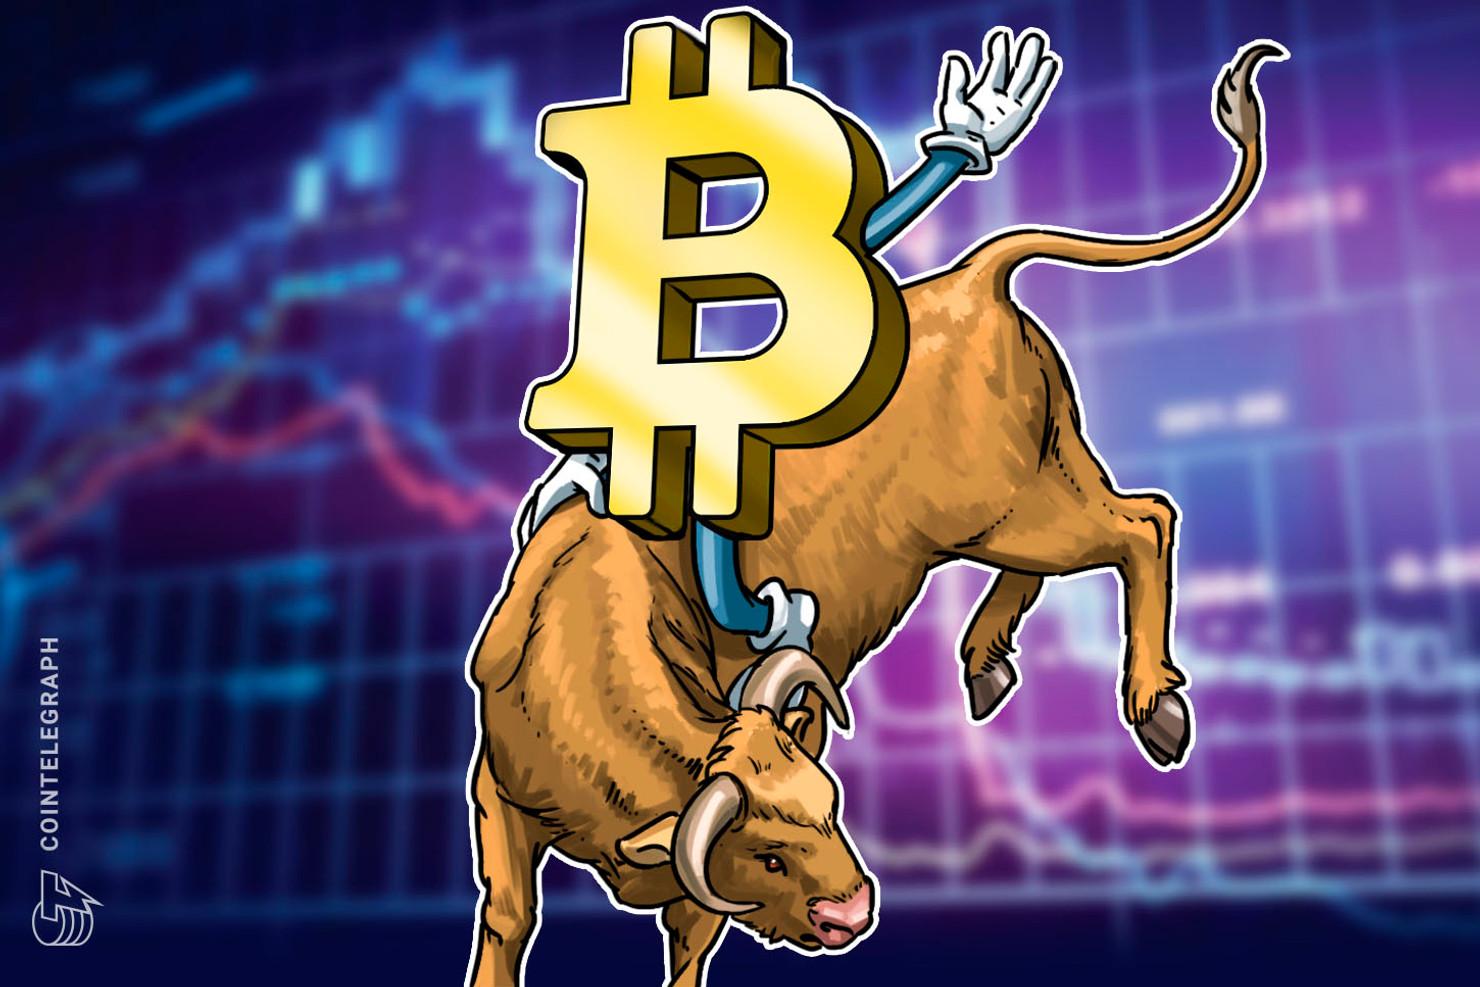 Bitcoin Price Holding $6.5K as Media Calls New 'Bull Market' in Stocks